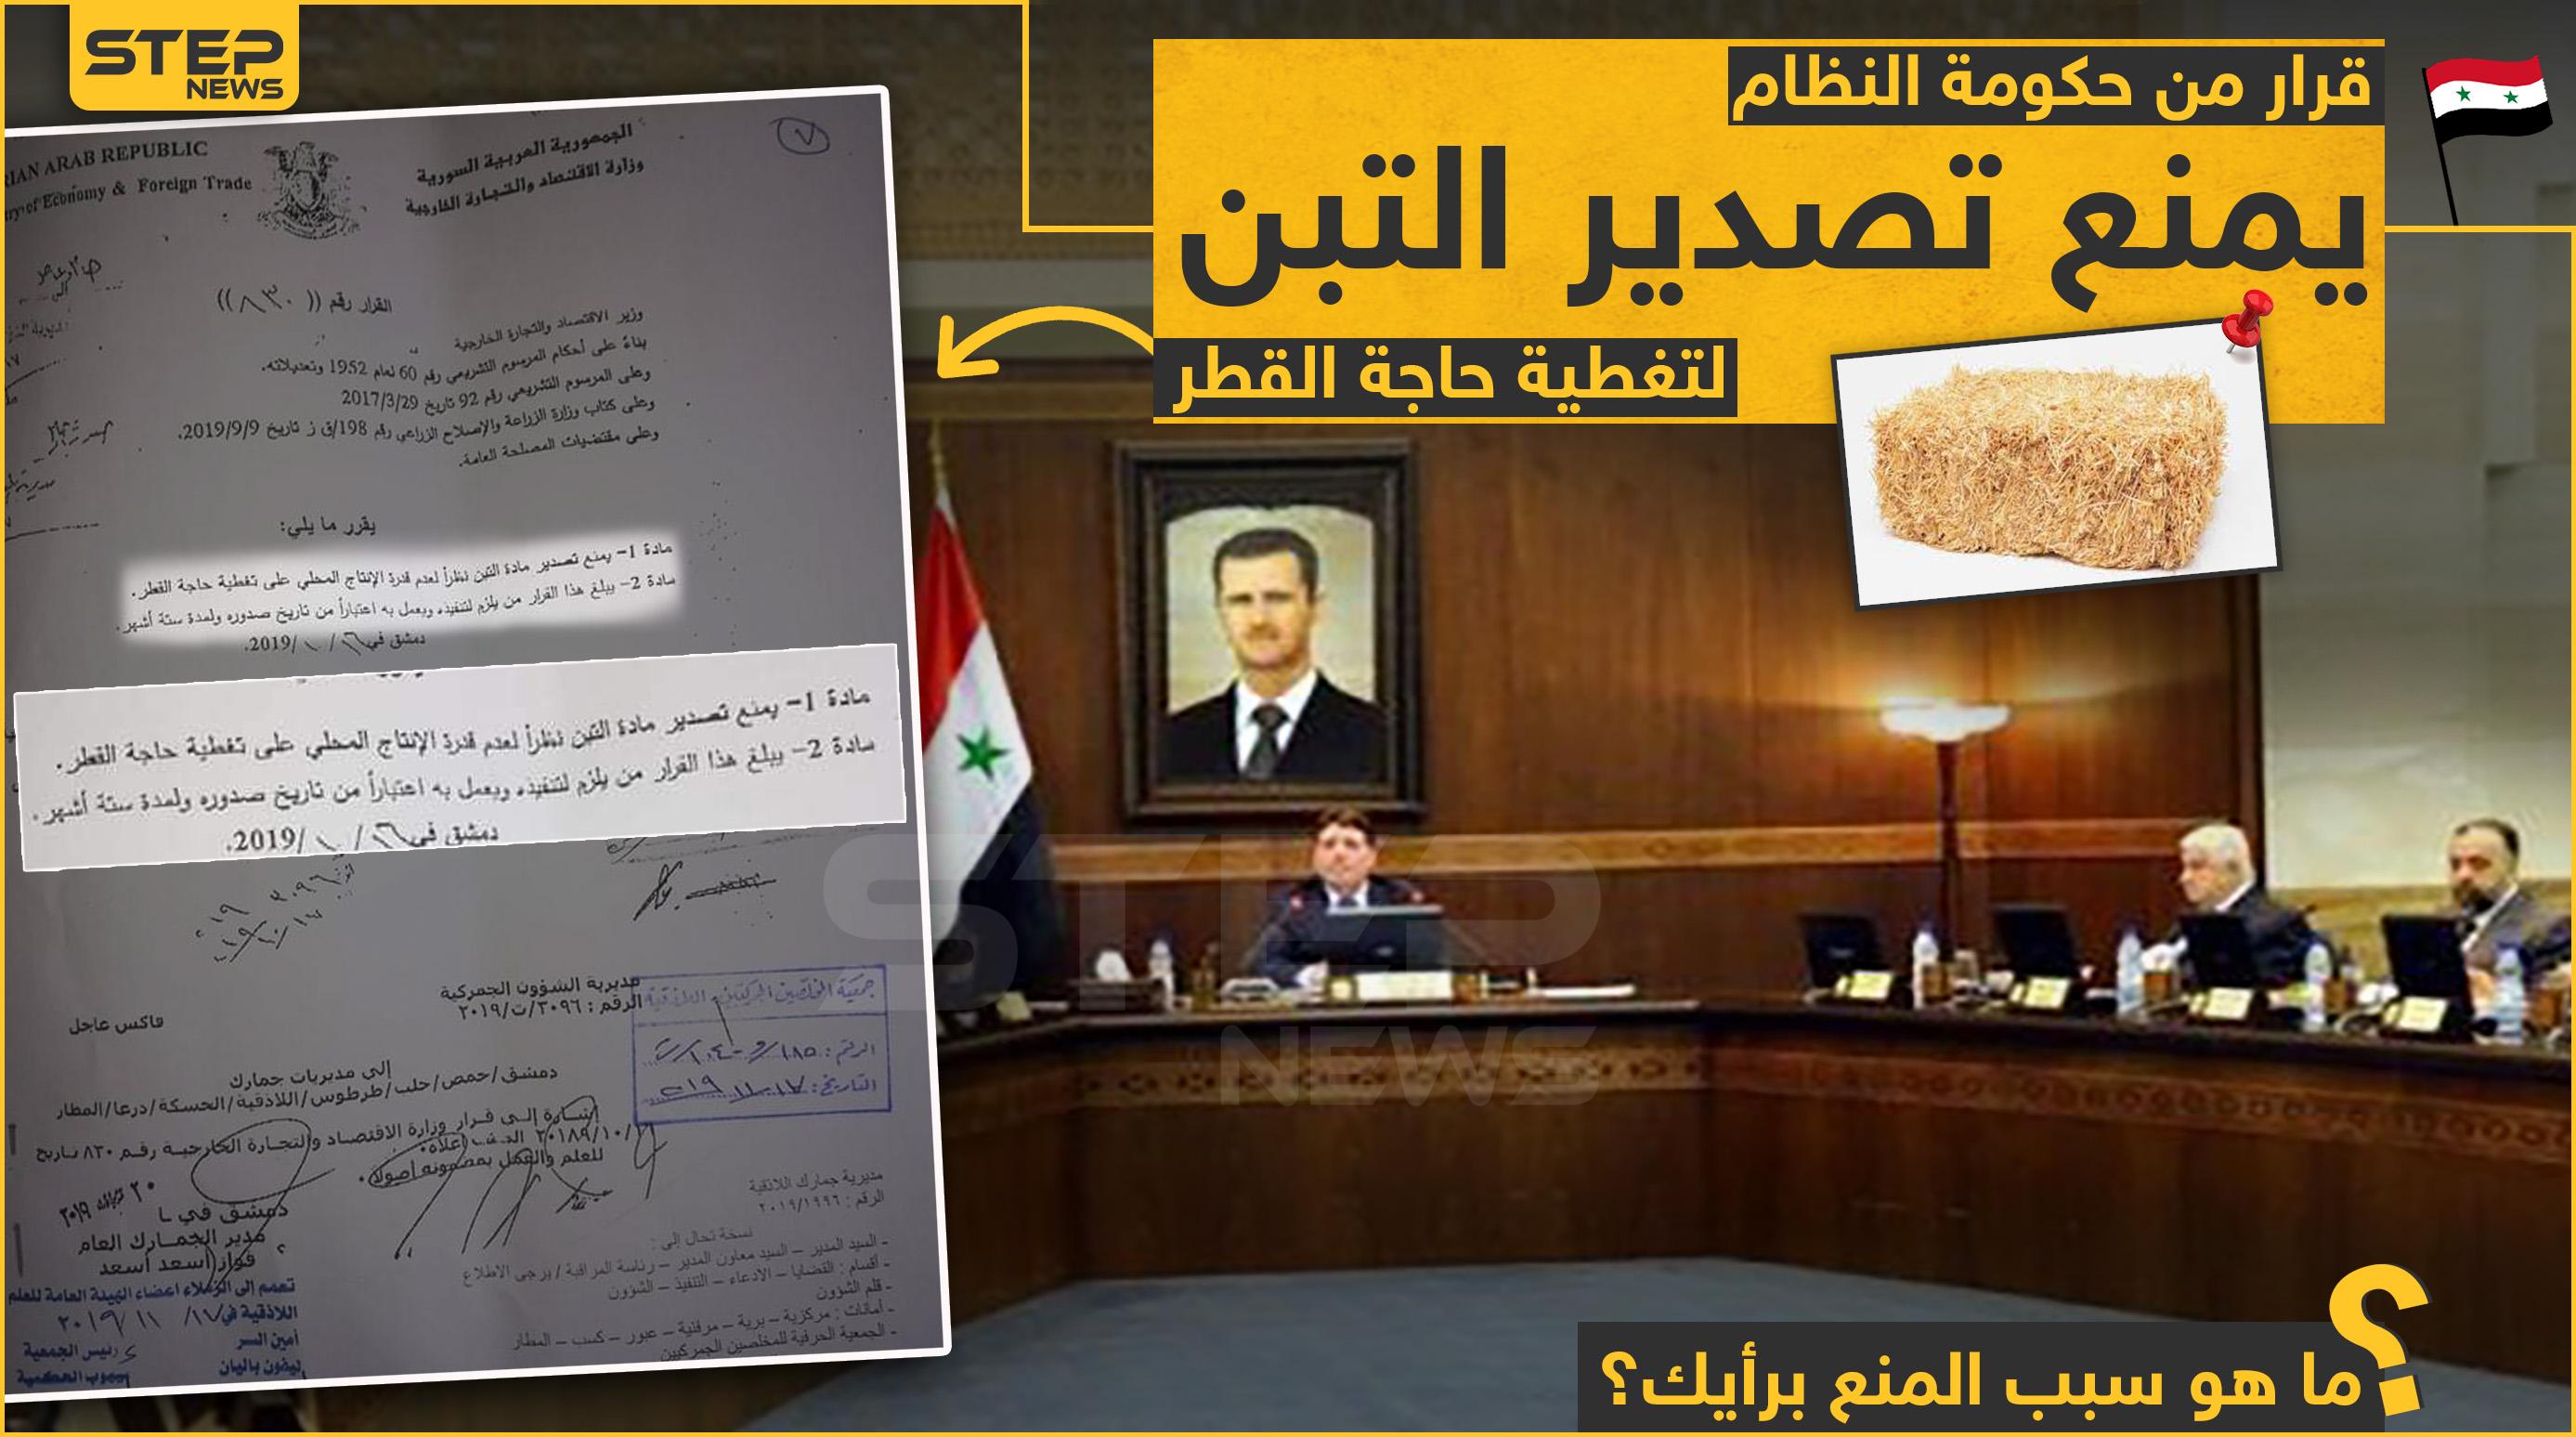 قرار لحكومة الأسد بمنع تصدير التبن ما هو السبب برأيك؟